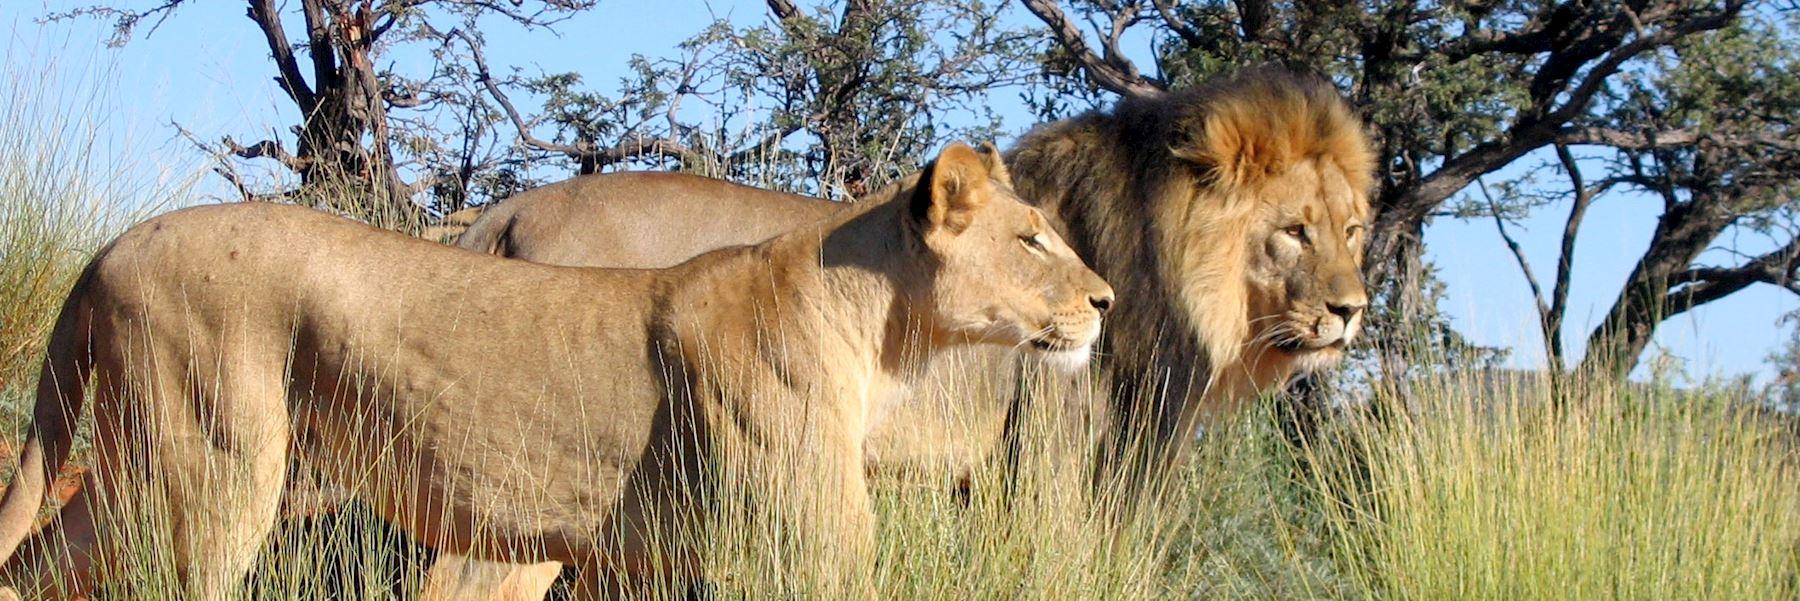 Visit the Kalahari, South Africa